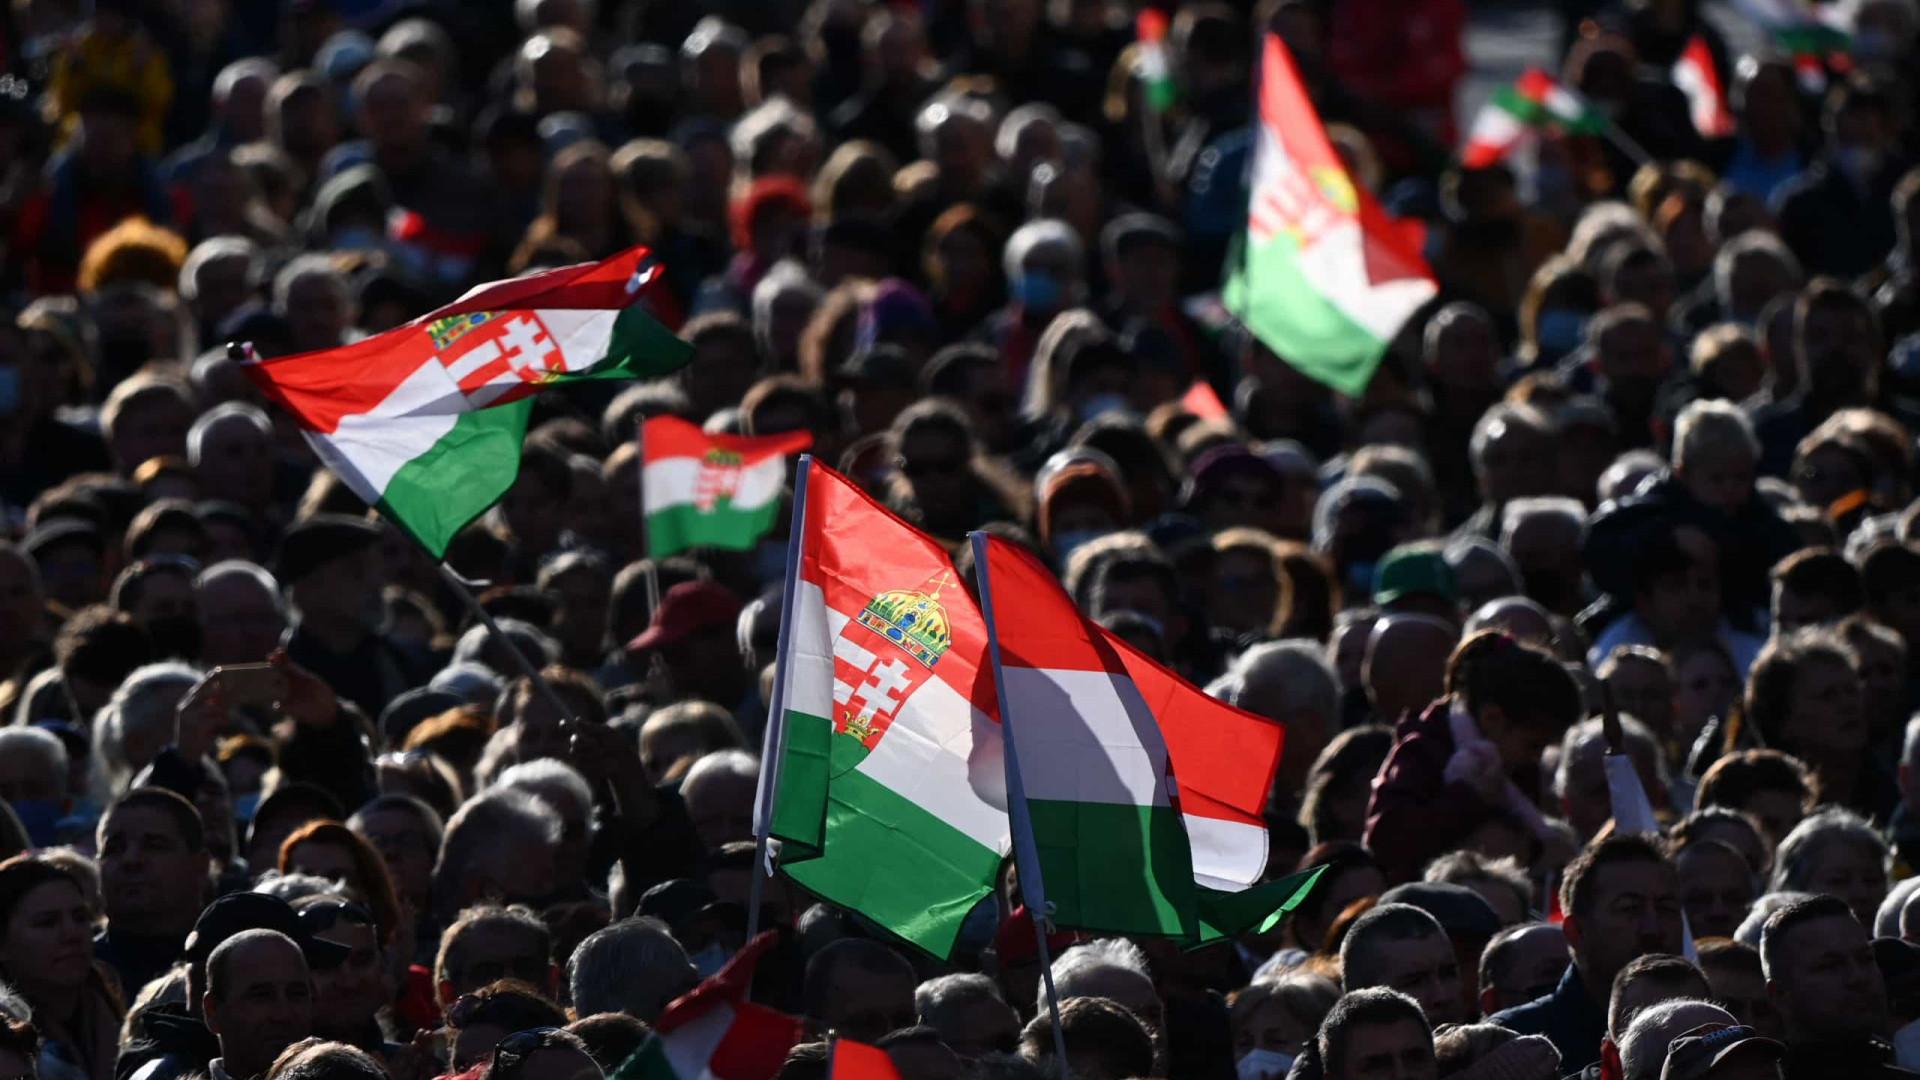 Milhares nas ruas de Budapeste para apoiar Viktor Orbán